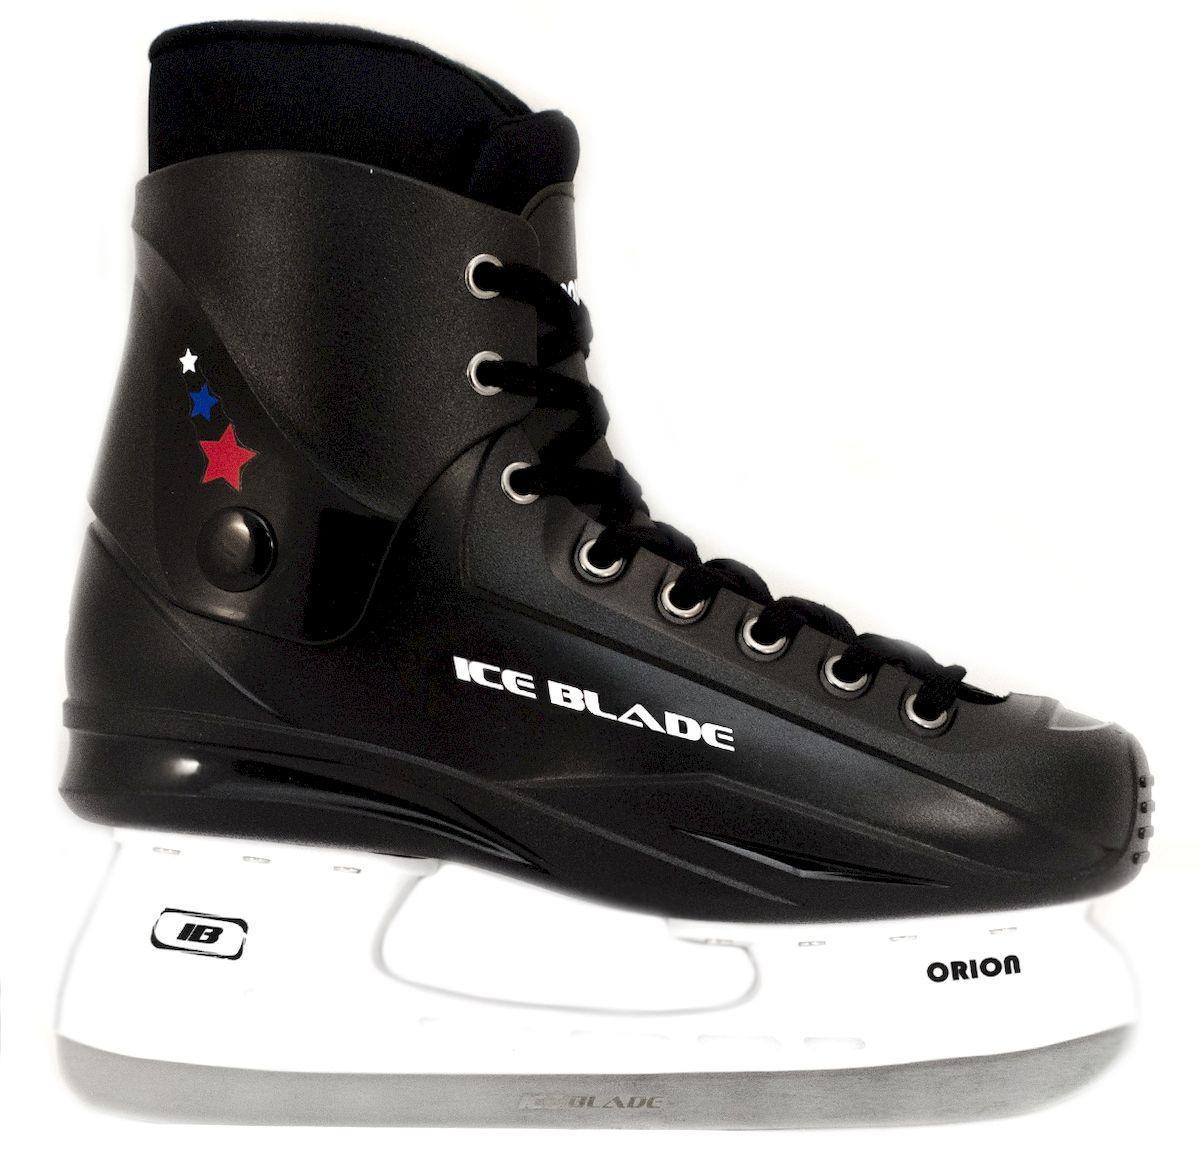 Коньки хоккейные Ice Blade Orion, цвет: черный. УТ-00004984. Размер 46